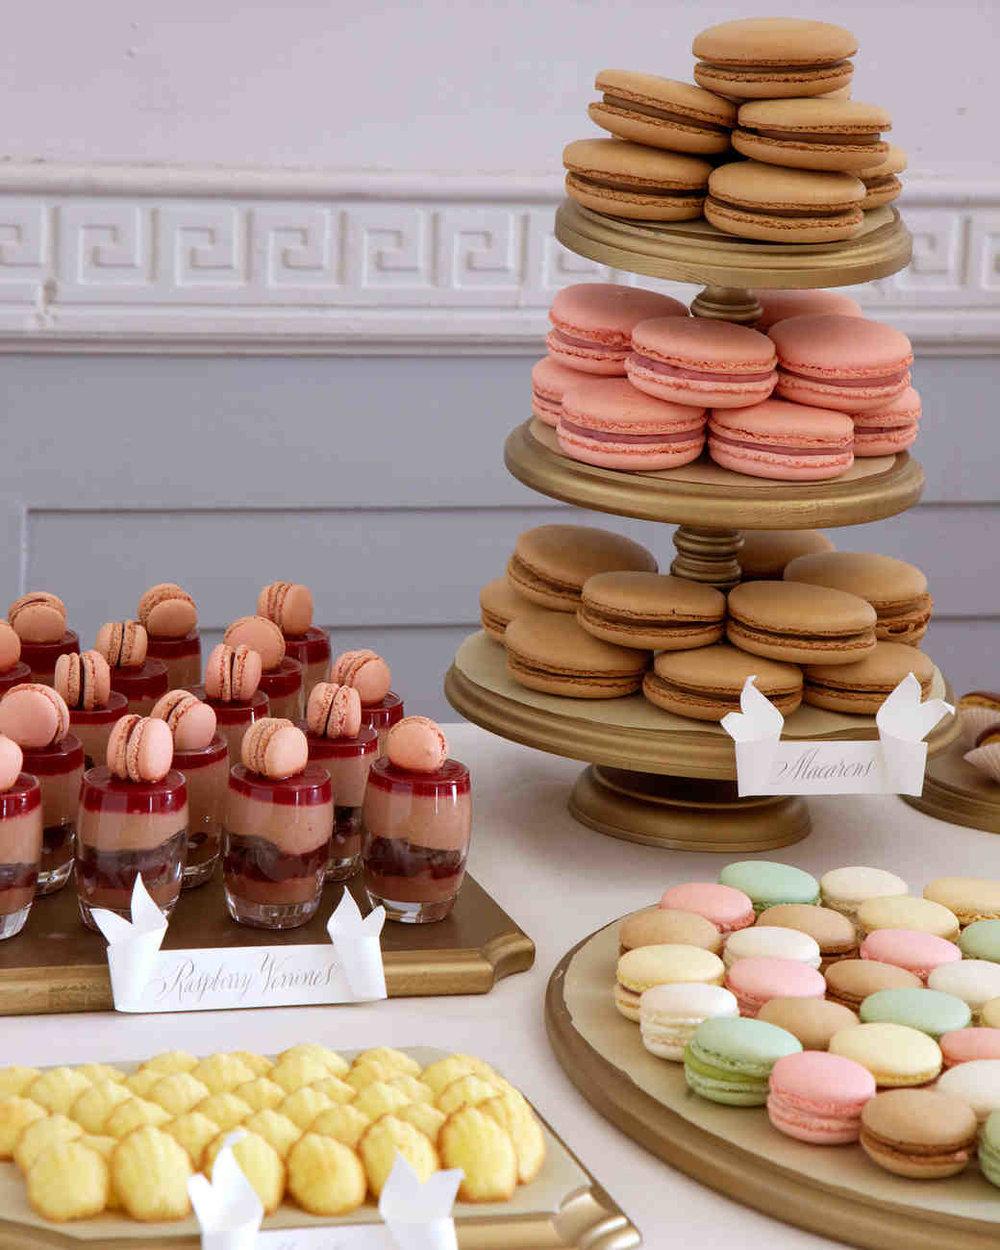 DESSERTS |  Francois Payard ;  Canele by Celine ;  La Maison de Macaron